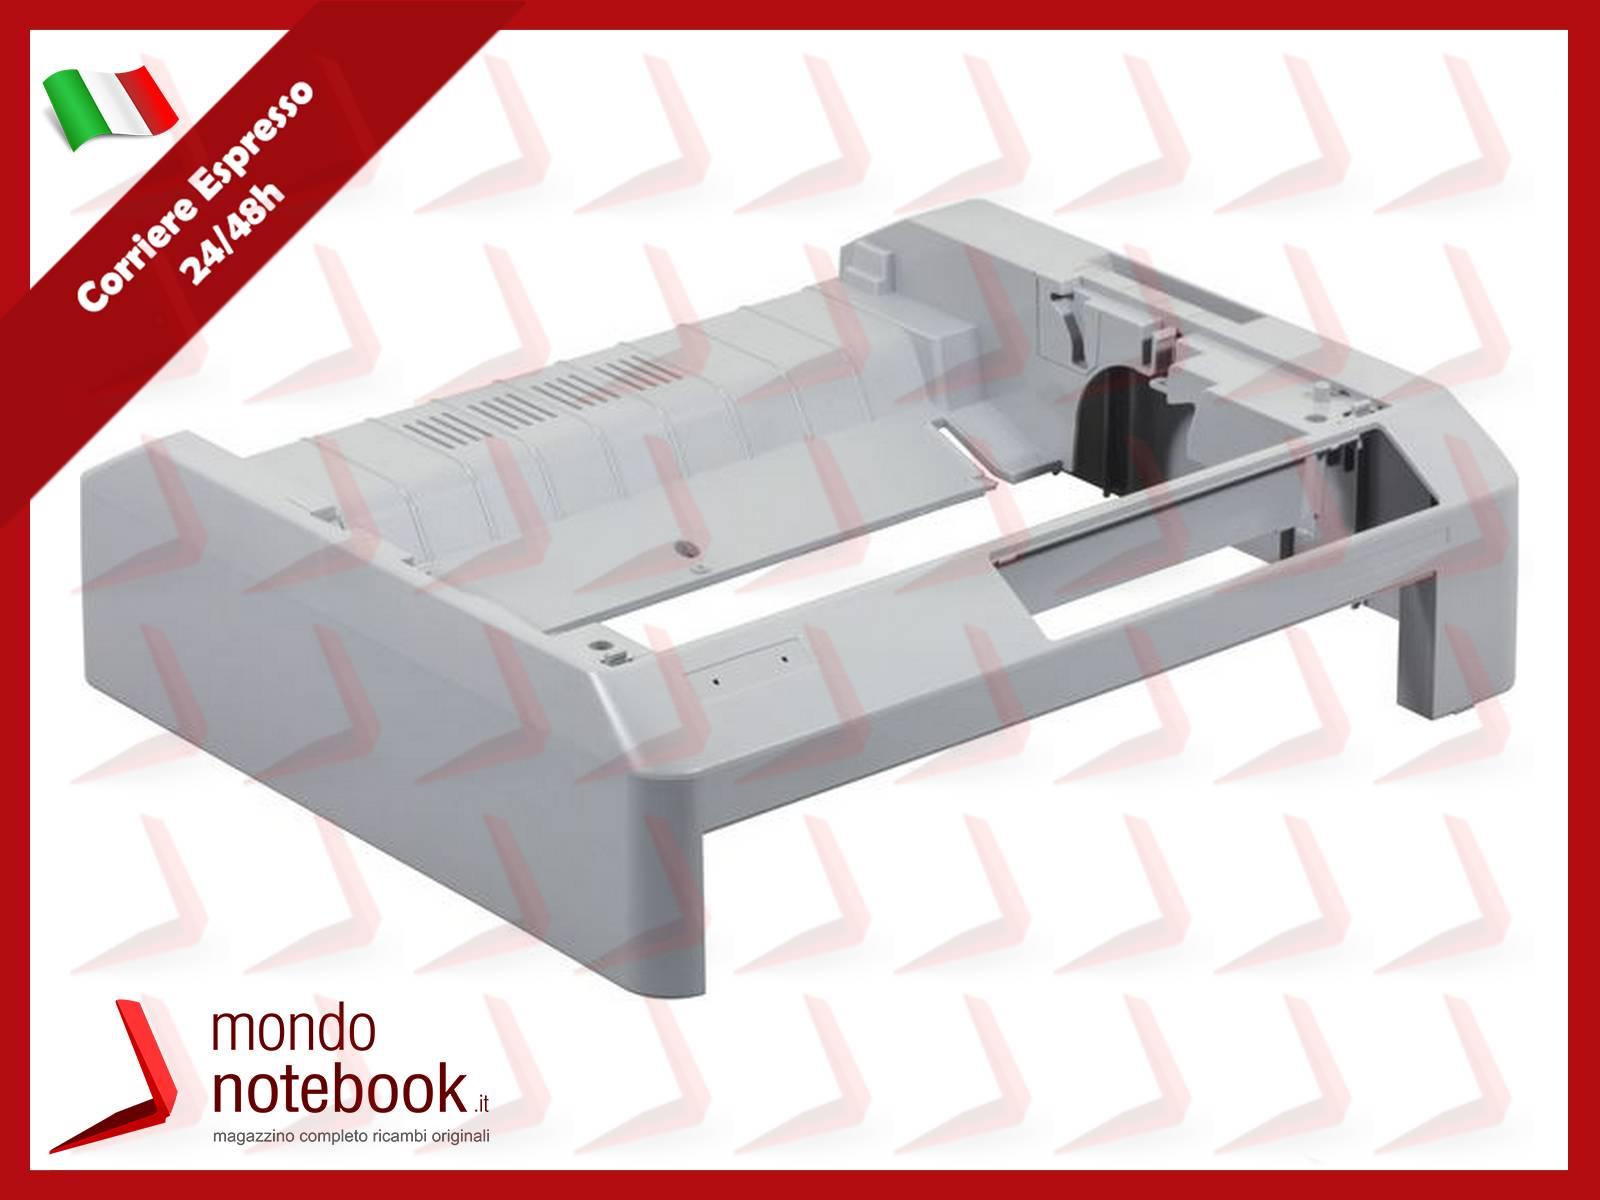 board-controller-tastiera-dell-xps-13-9343-9350-9360-zaz00-ls-b442p